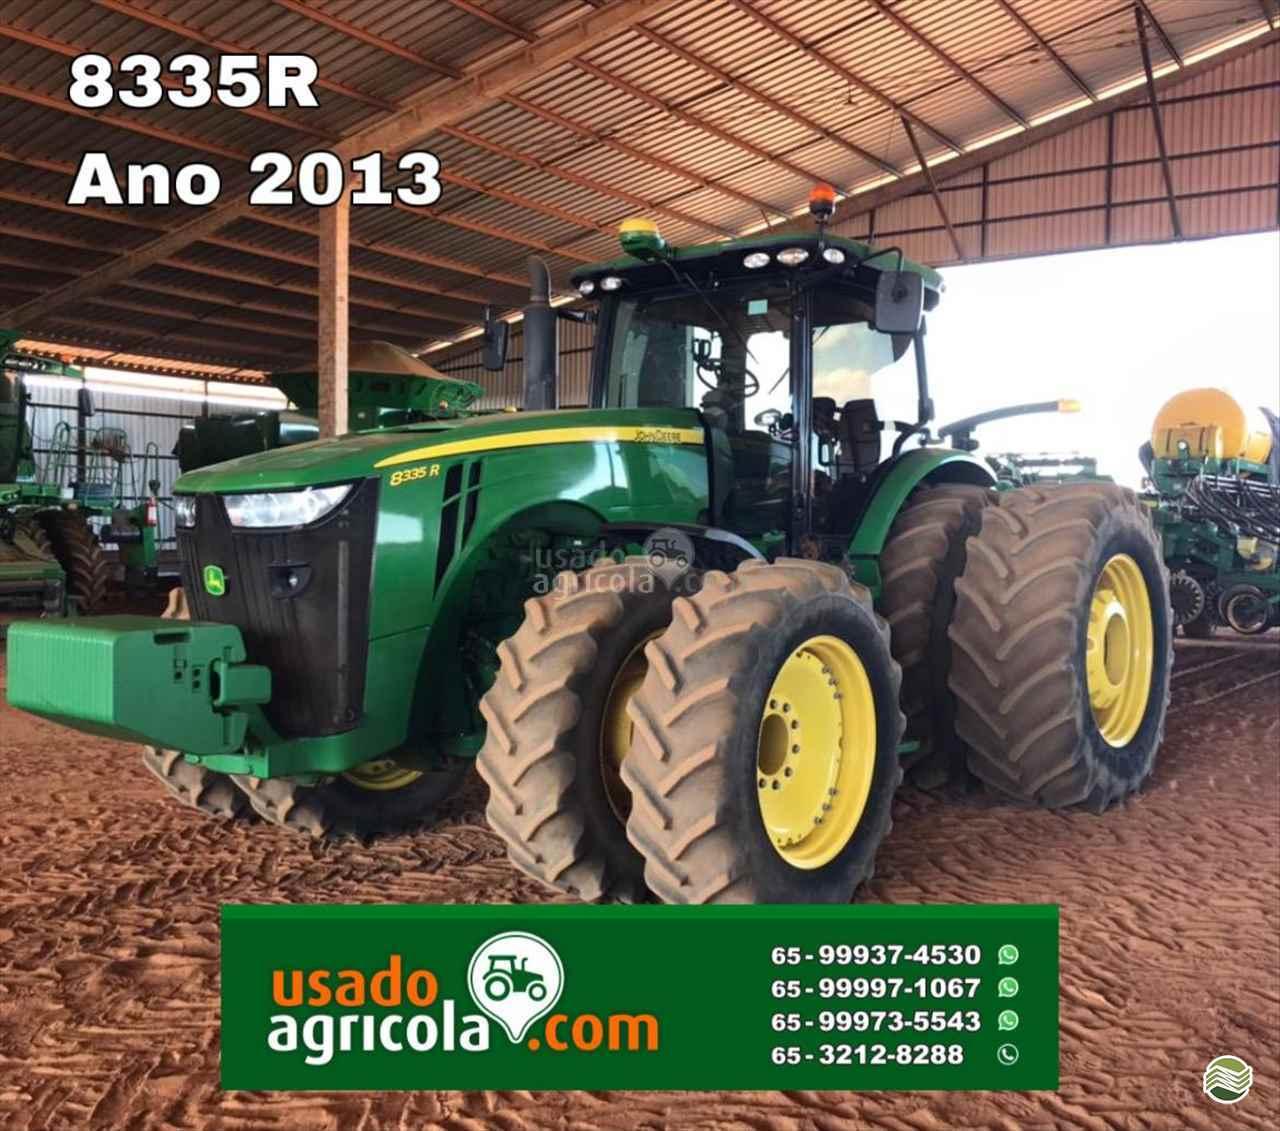 TRATOR JOHN DEERE JOHN DEERE 8335 Tração 4x4 Usado Agrícola LUCAS DO RIO VERDE MATO GROSSO MT